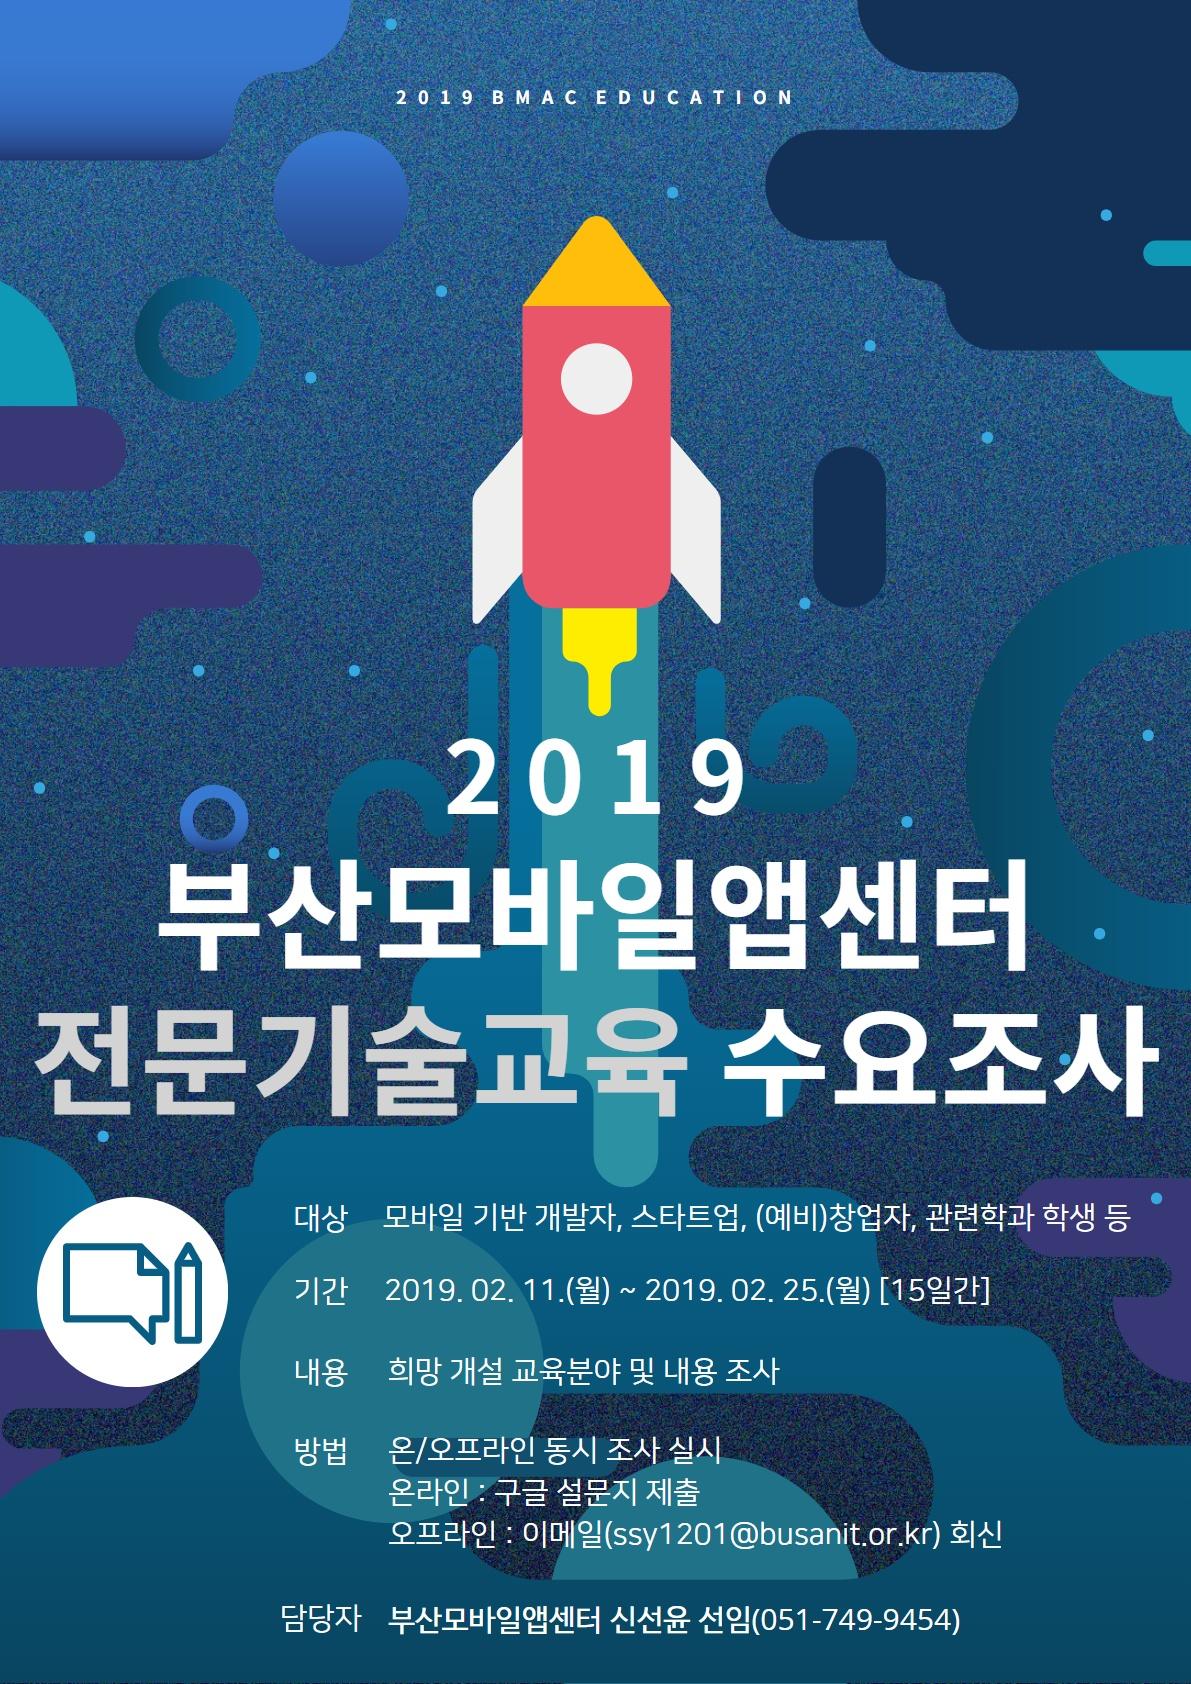 2019년 부산모바일앱센터 전문기술교육 수요조사 실시